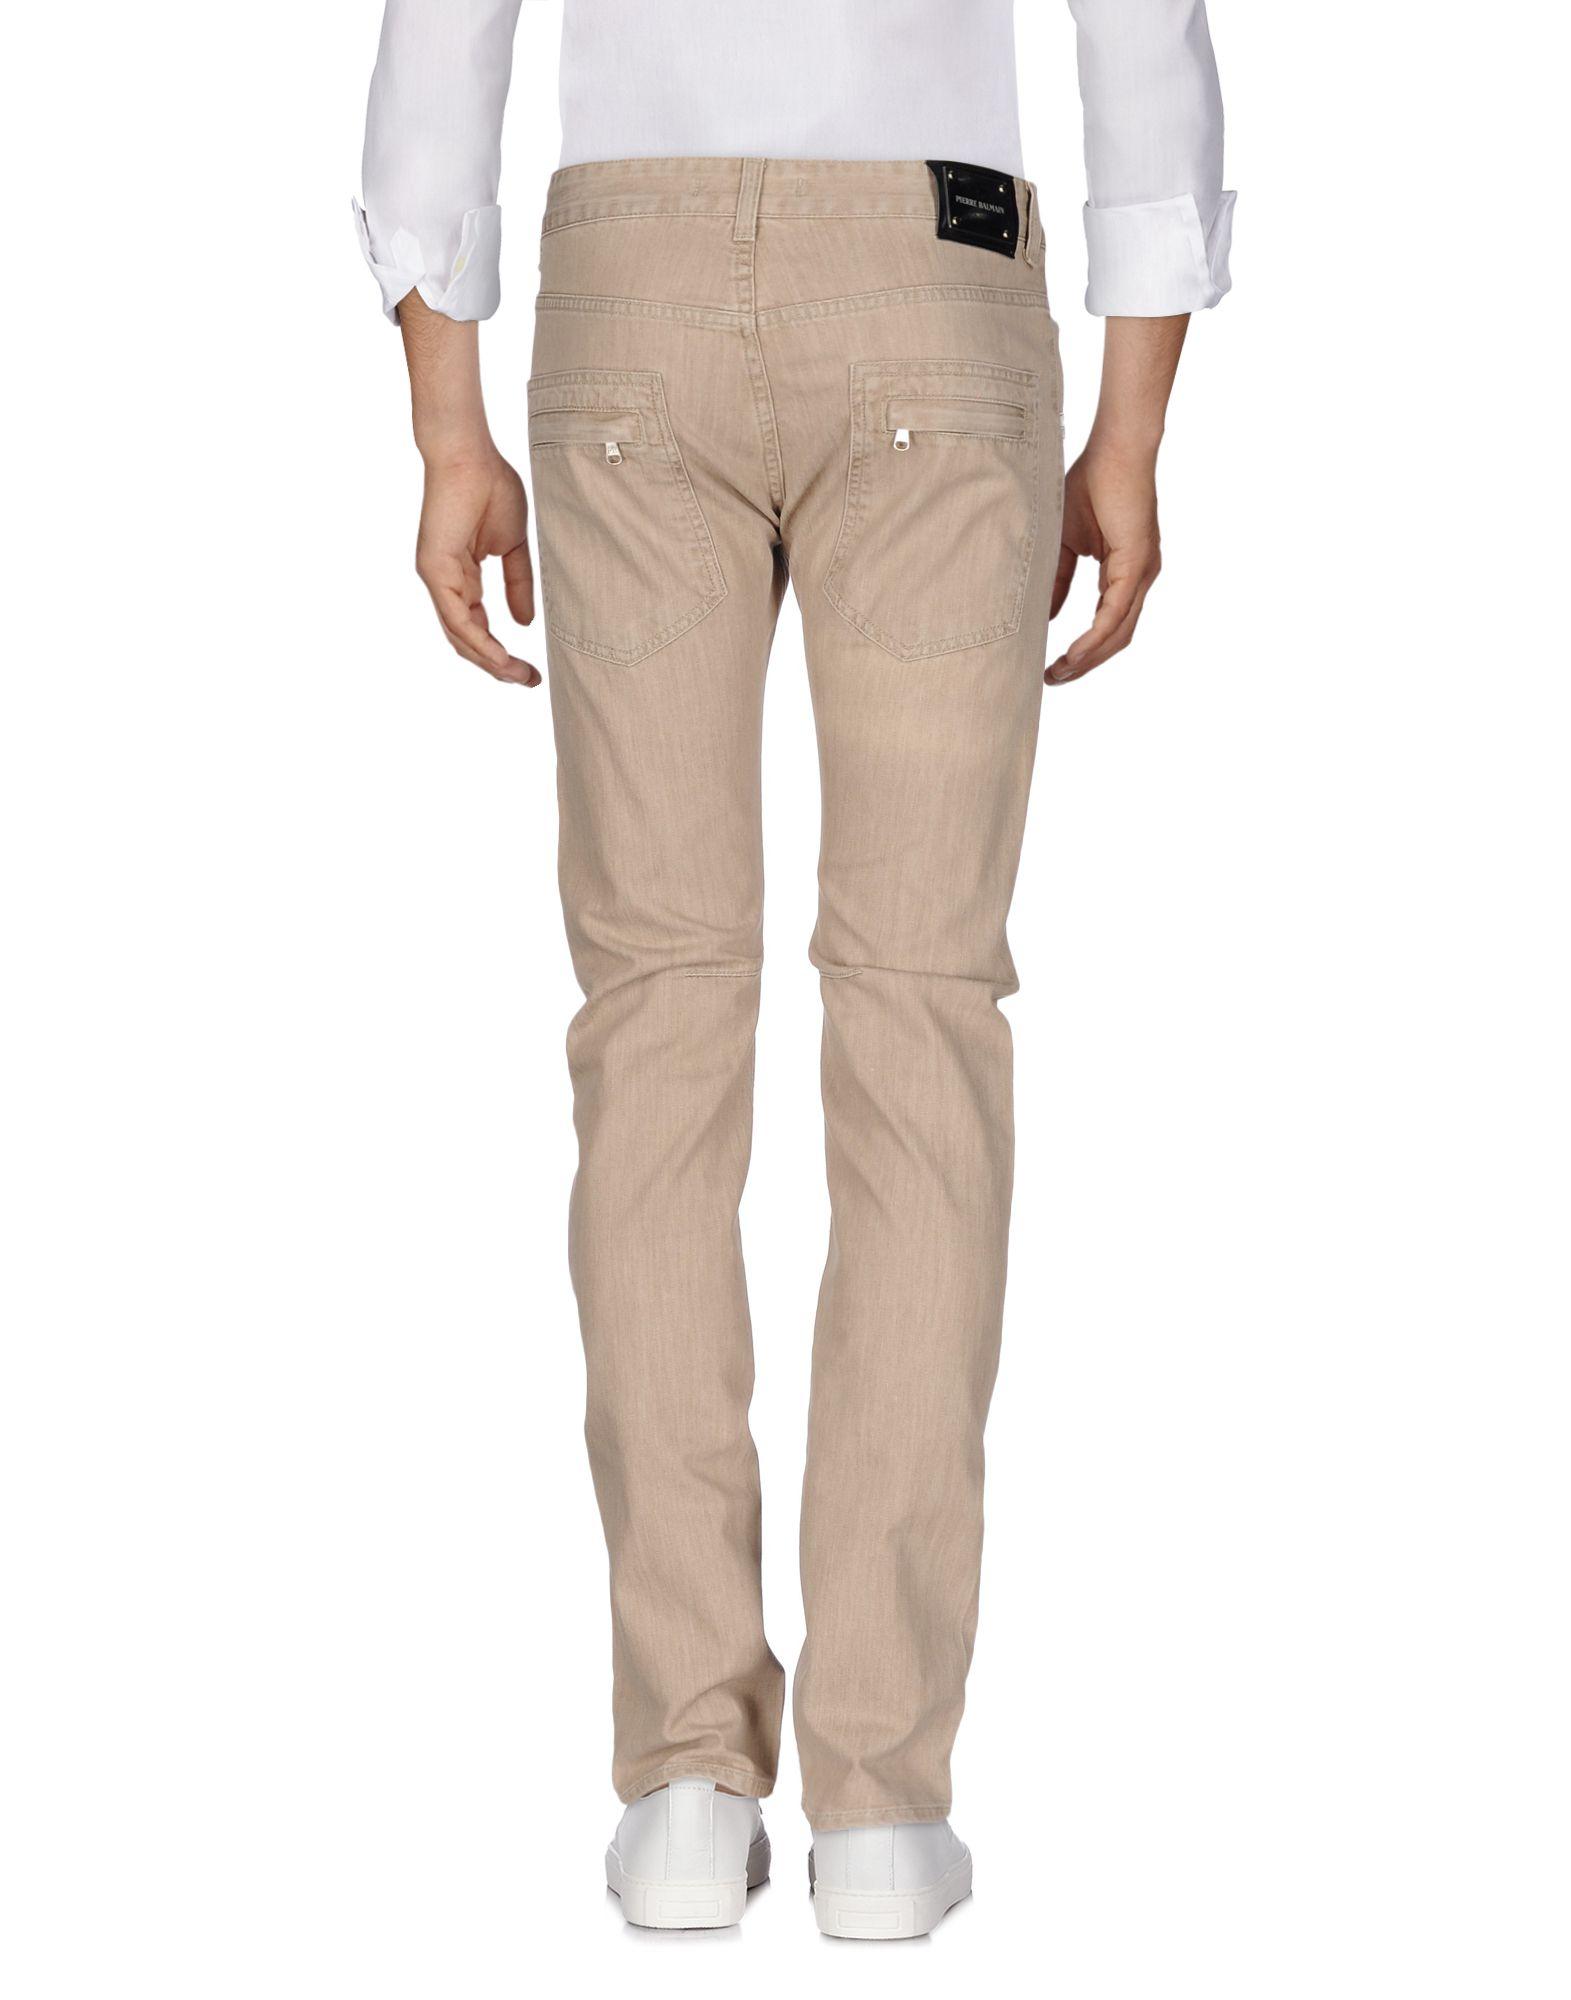 Pantaloni Jeans Pierre Pierre Pierre Balmain Uomo - 42603410DH a60a09